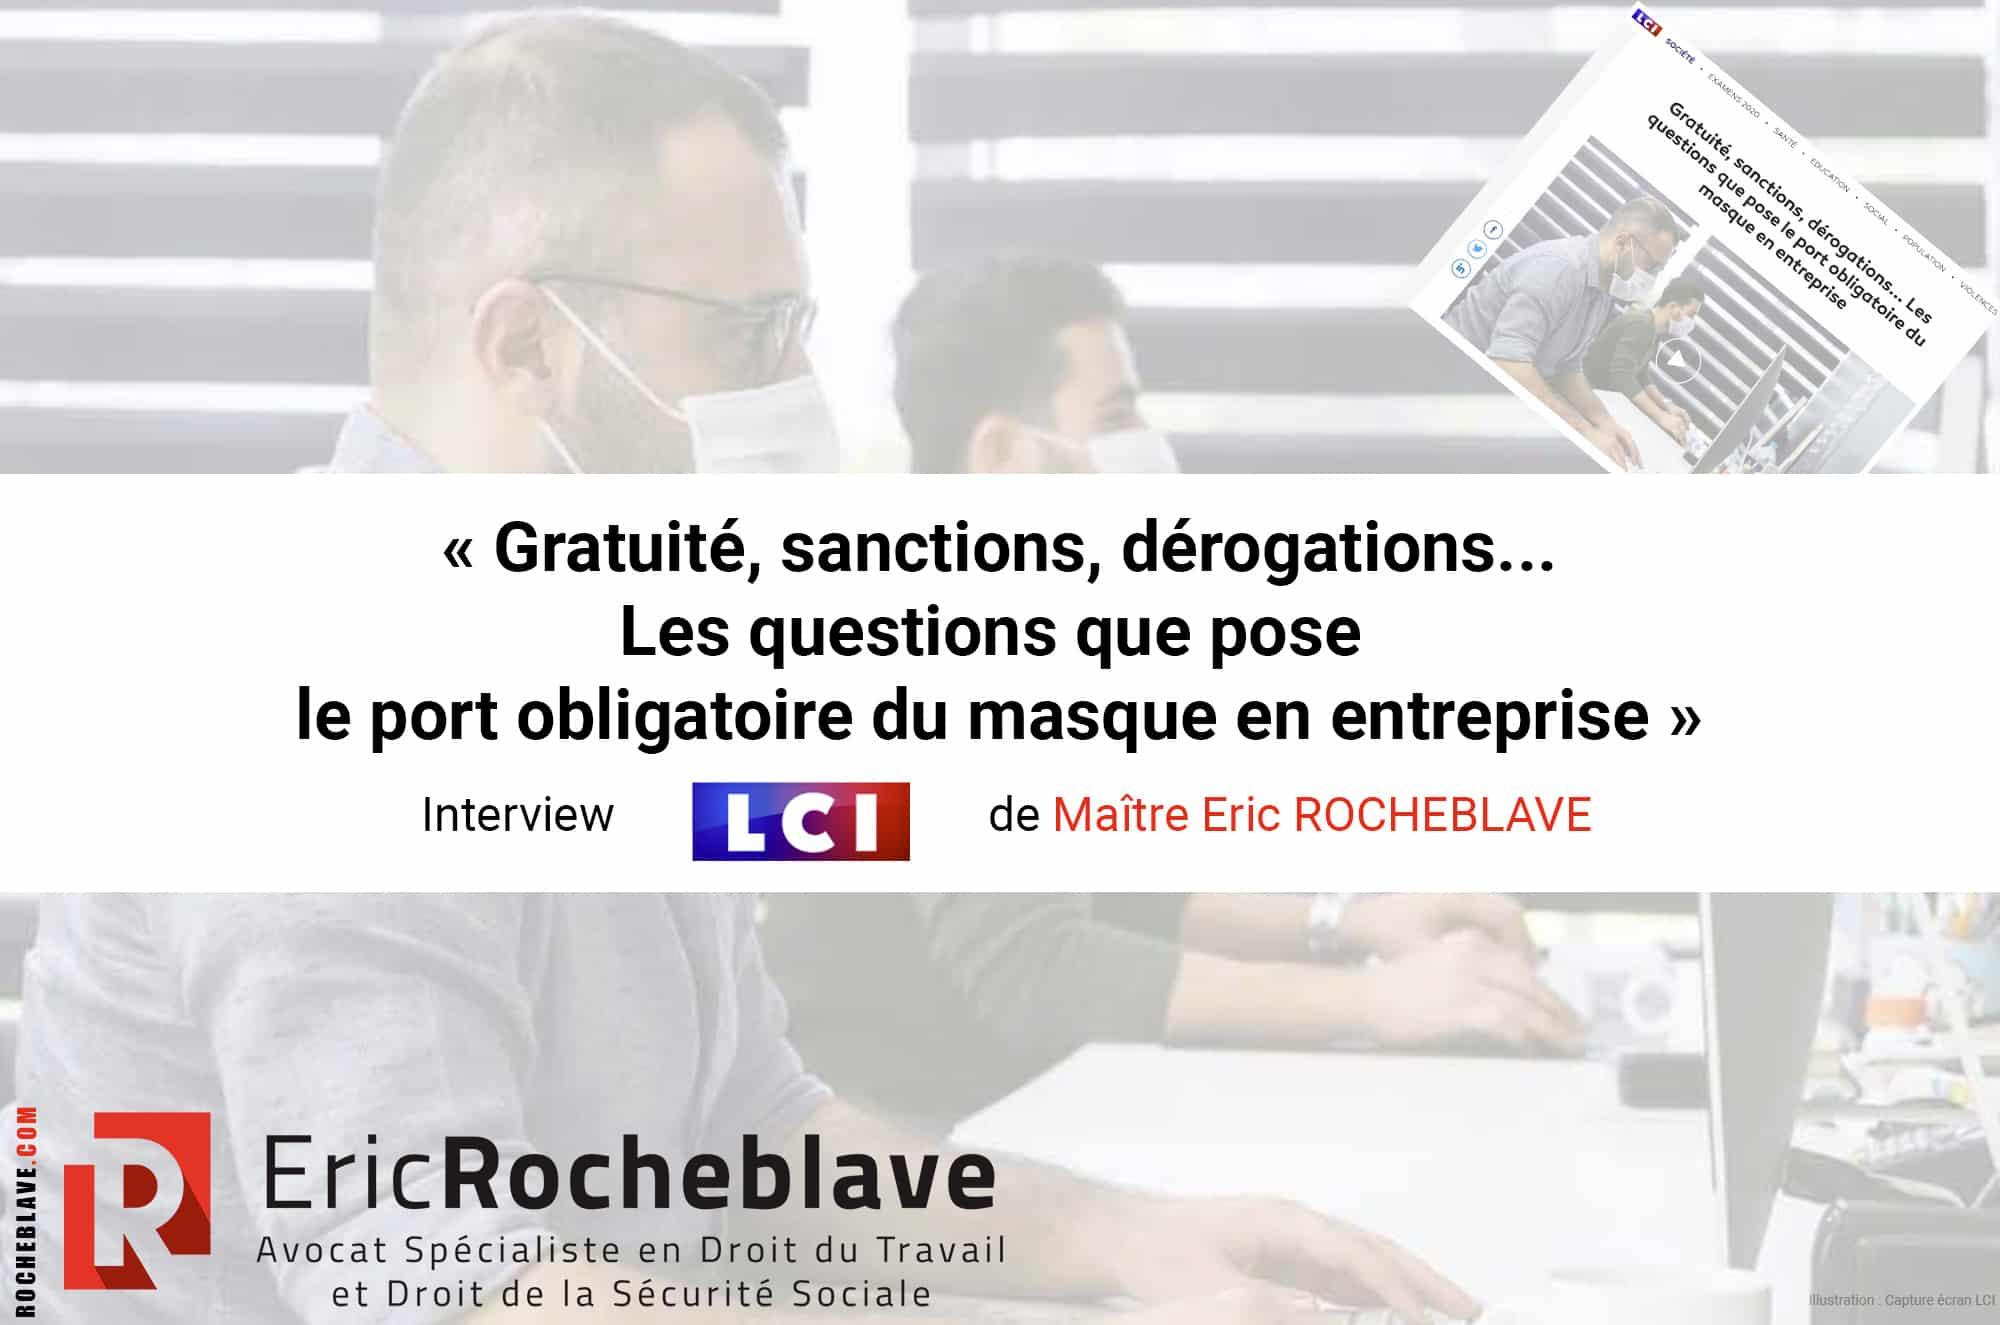 « Gratuité, sanctions, dérogations... Les questions que pose le port obligatoire du masque en entreprise » Interview LCI de Maître Eric ROCHEBLAVE